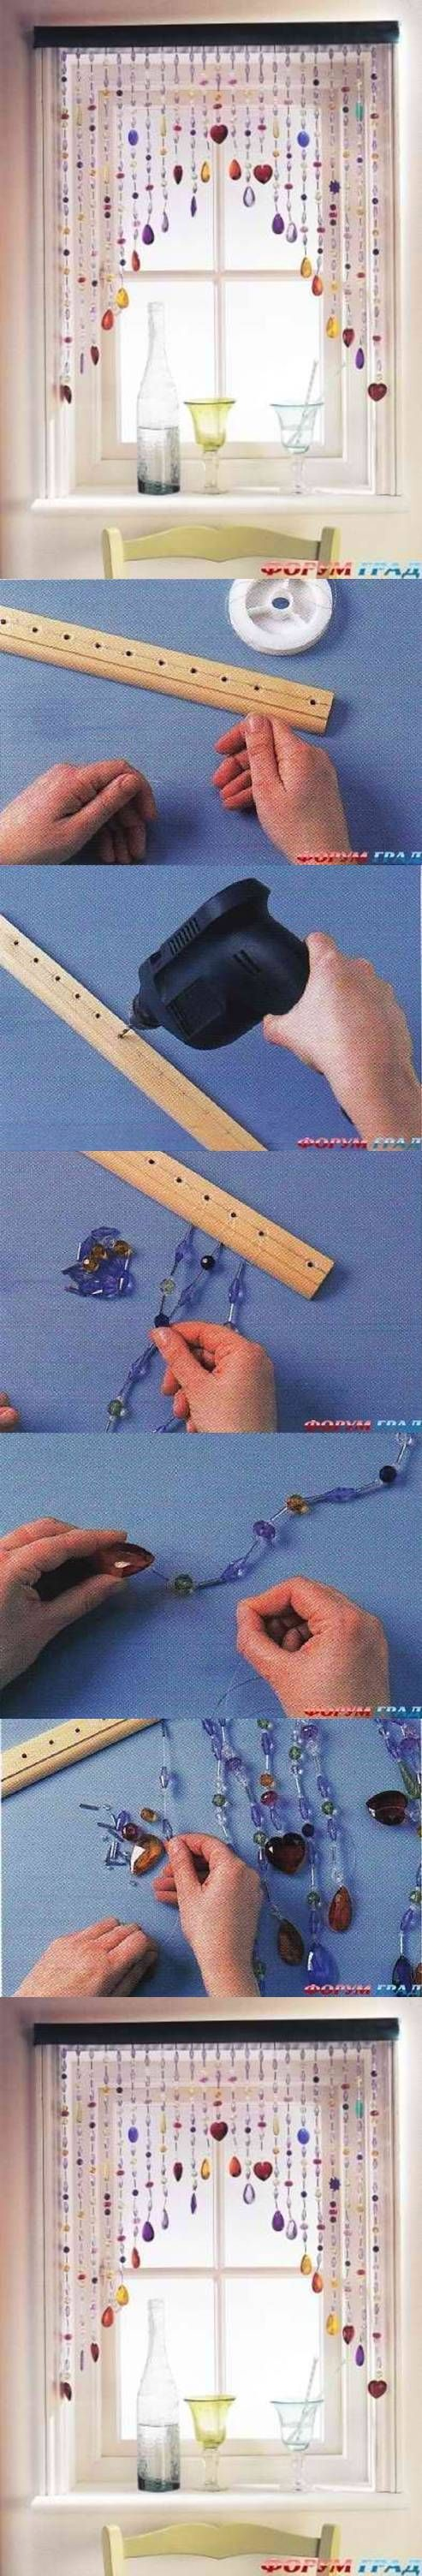 DIY Cute Blinds Curtain: